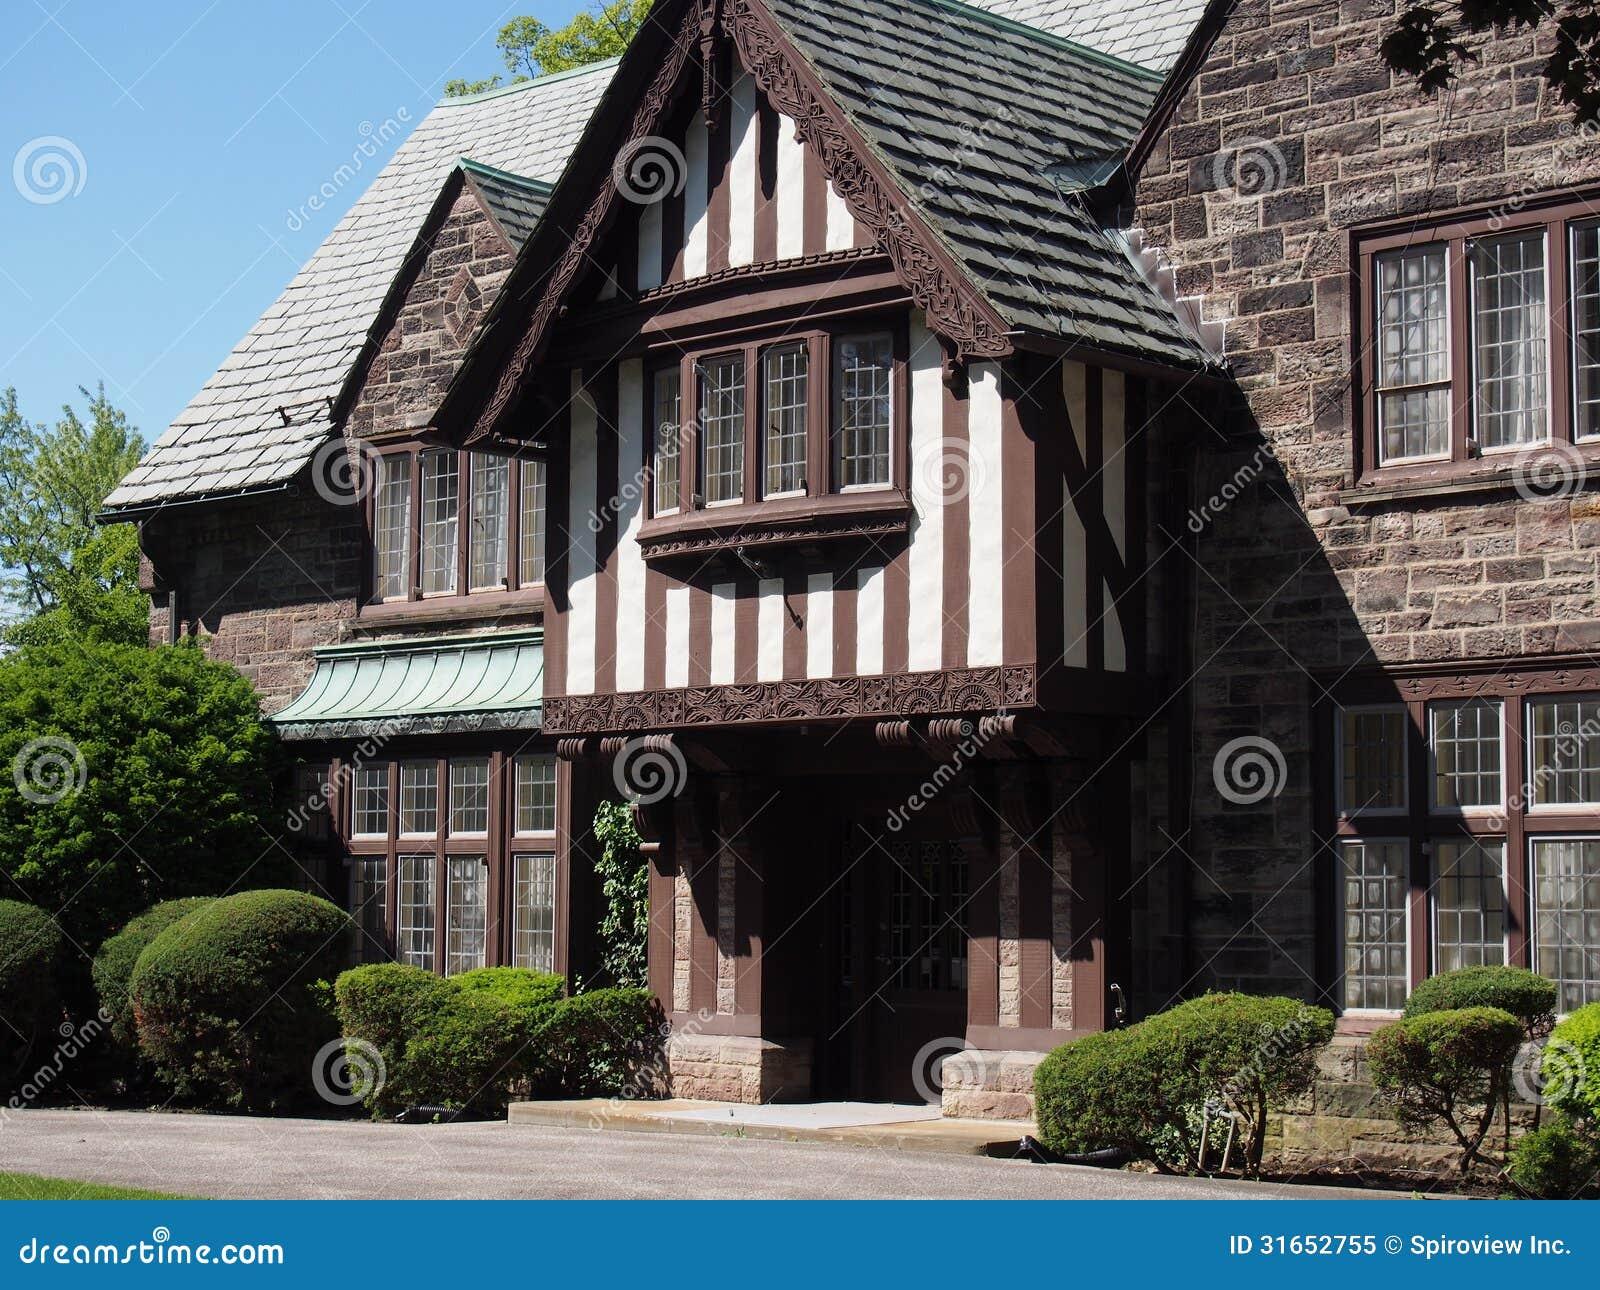 Tudor Style House Royalty Free Stock Photo Image 31652755